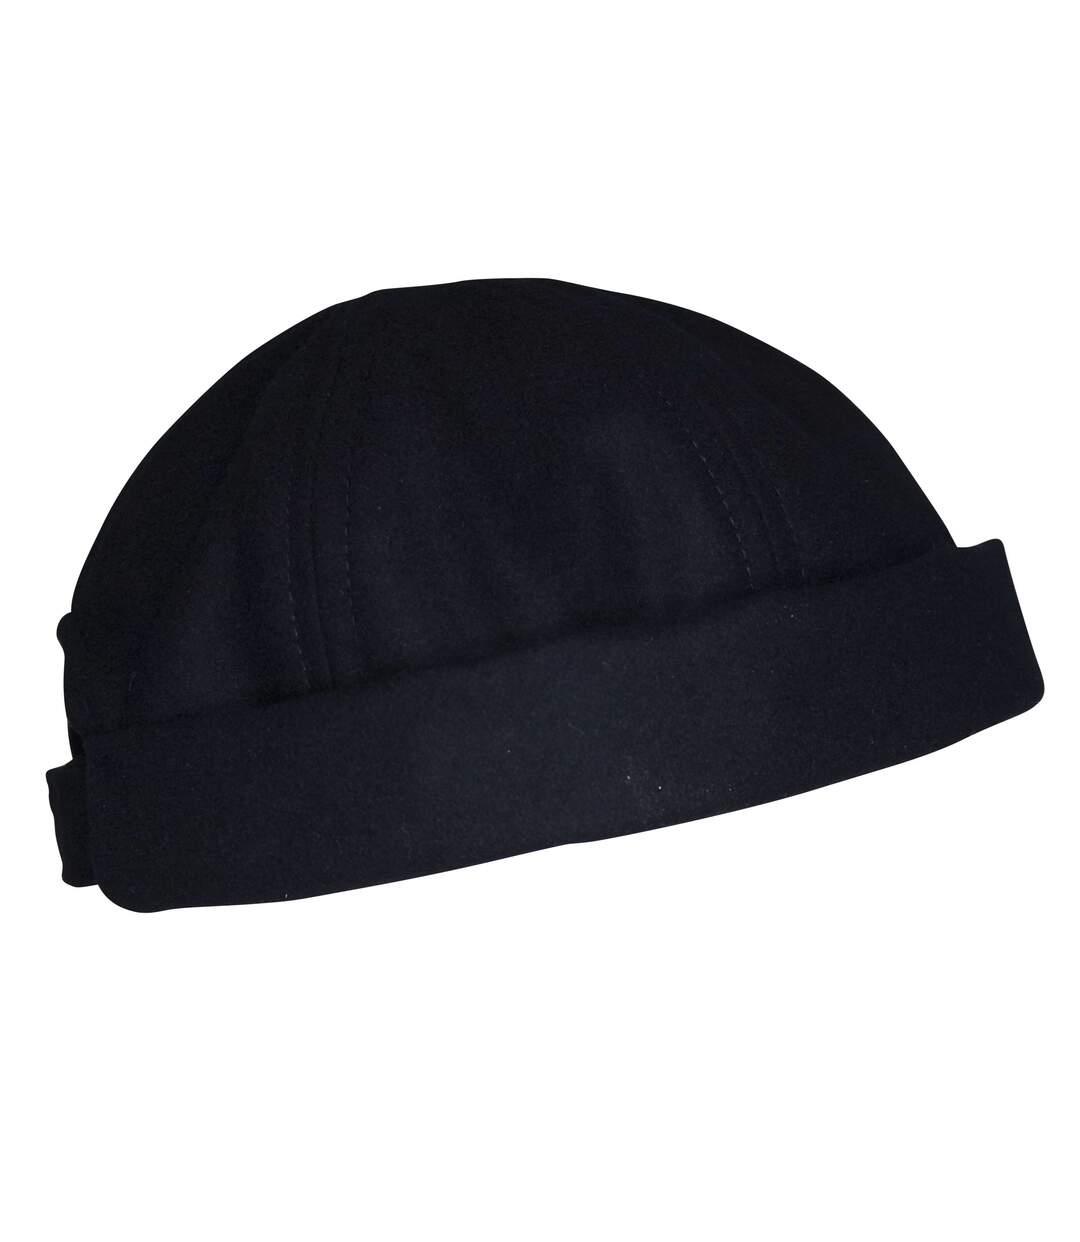 Dégagement Bonnet laine marin dsf.d455nksdKLFHG